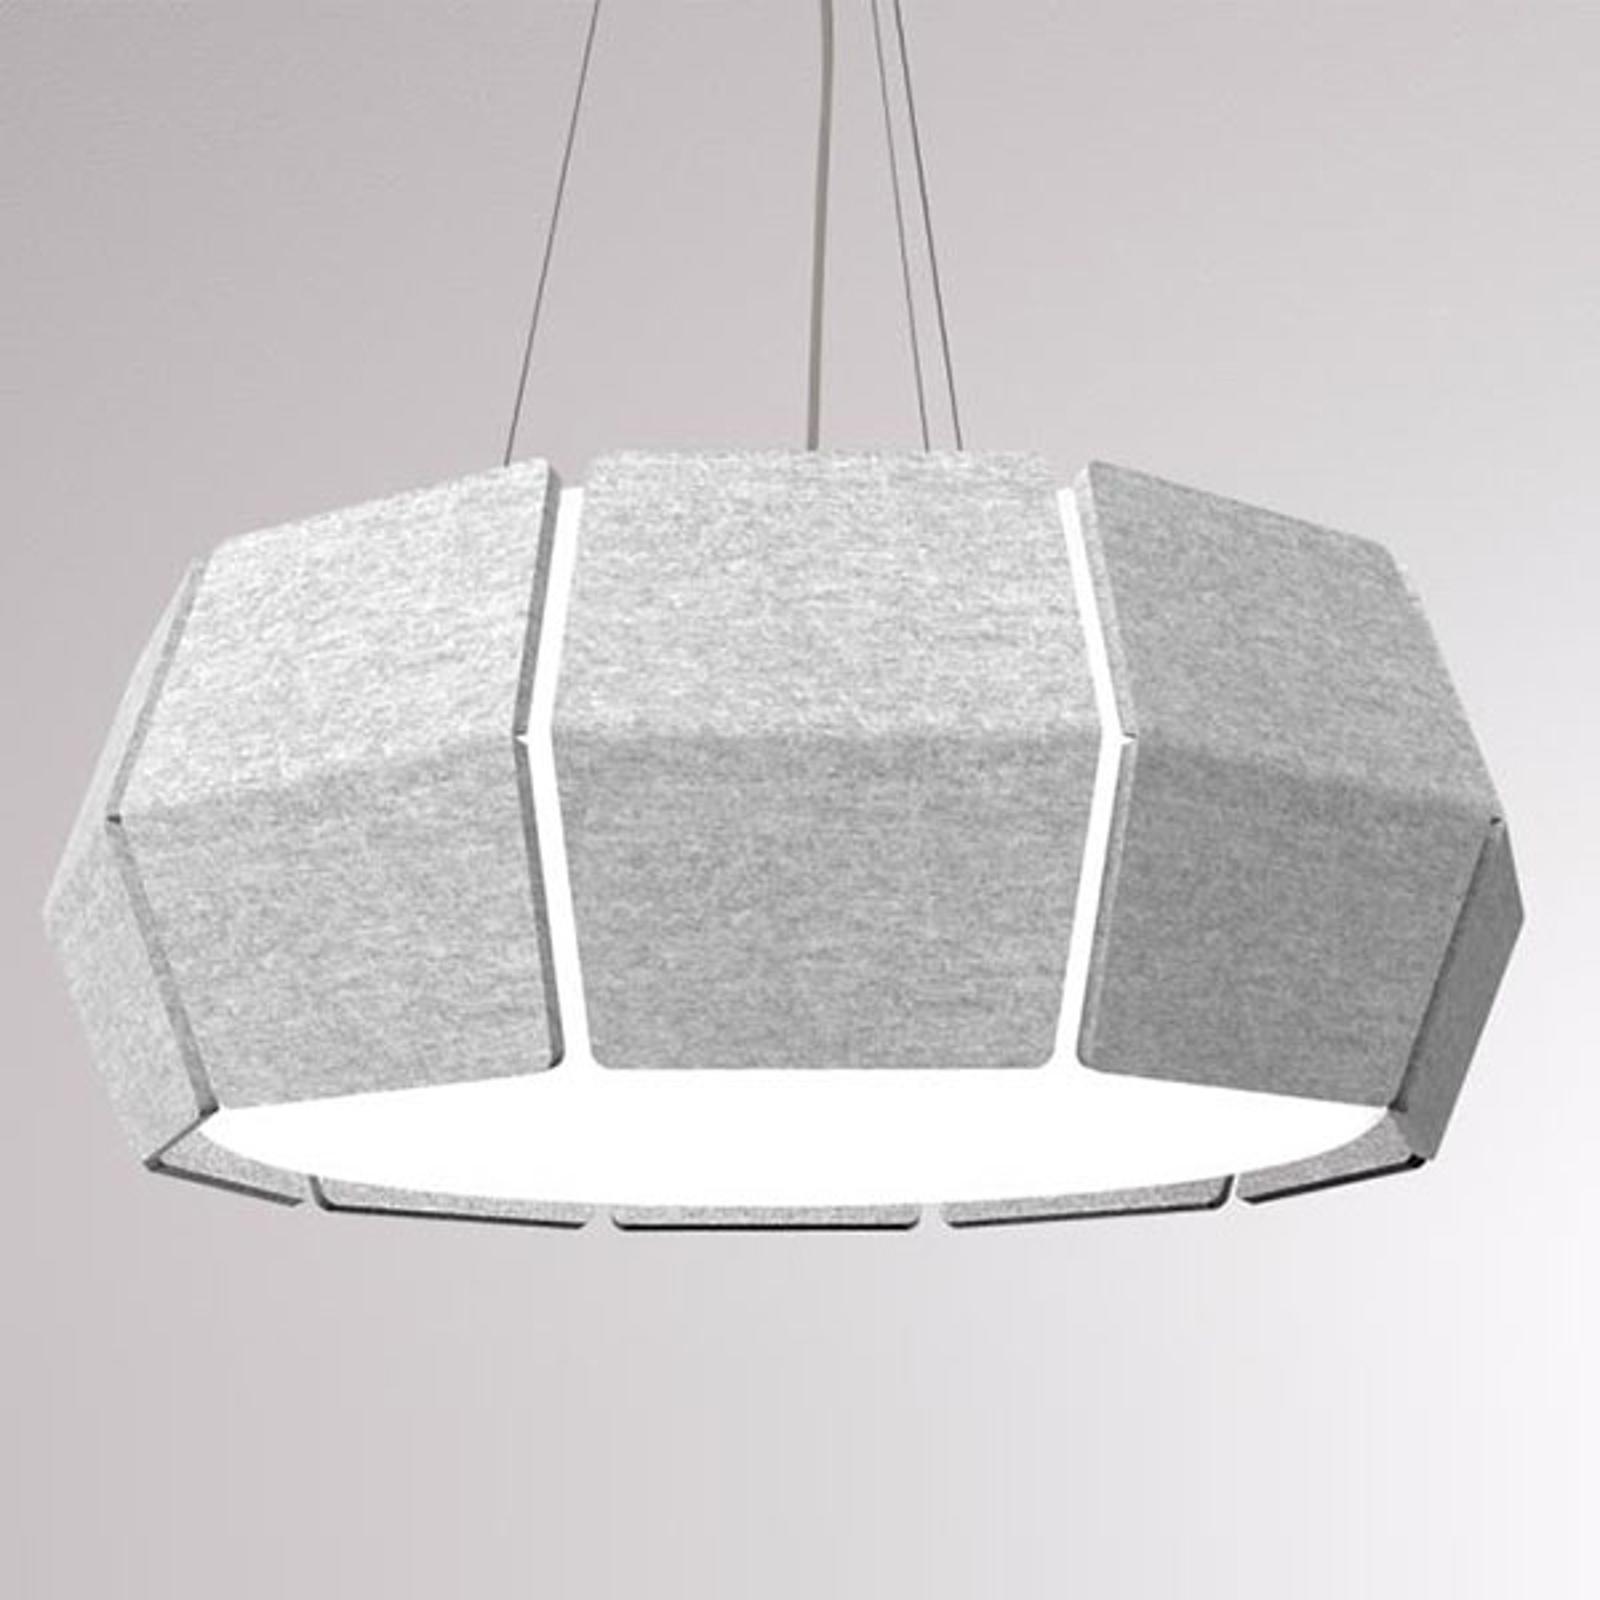 LOUM Decafelt lampa wisząca LED szara Ø 76 cm